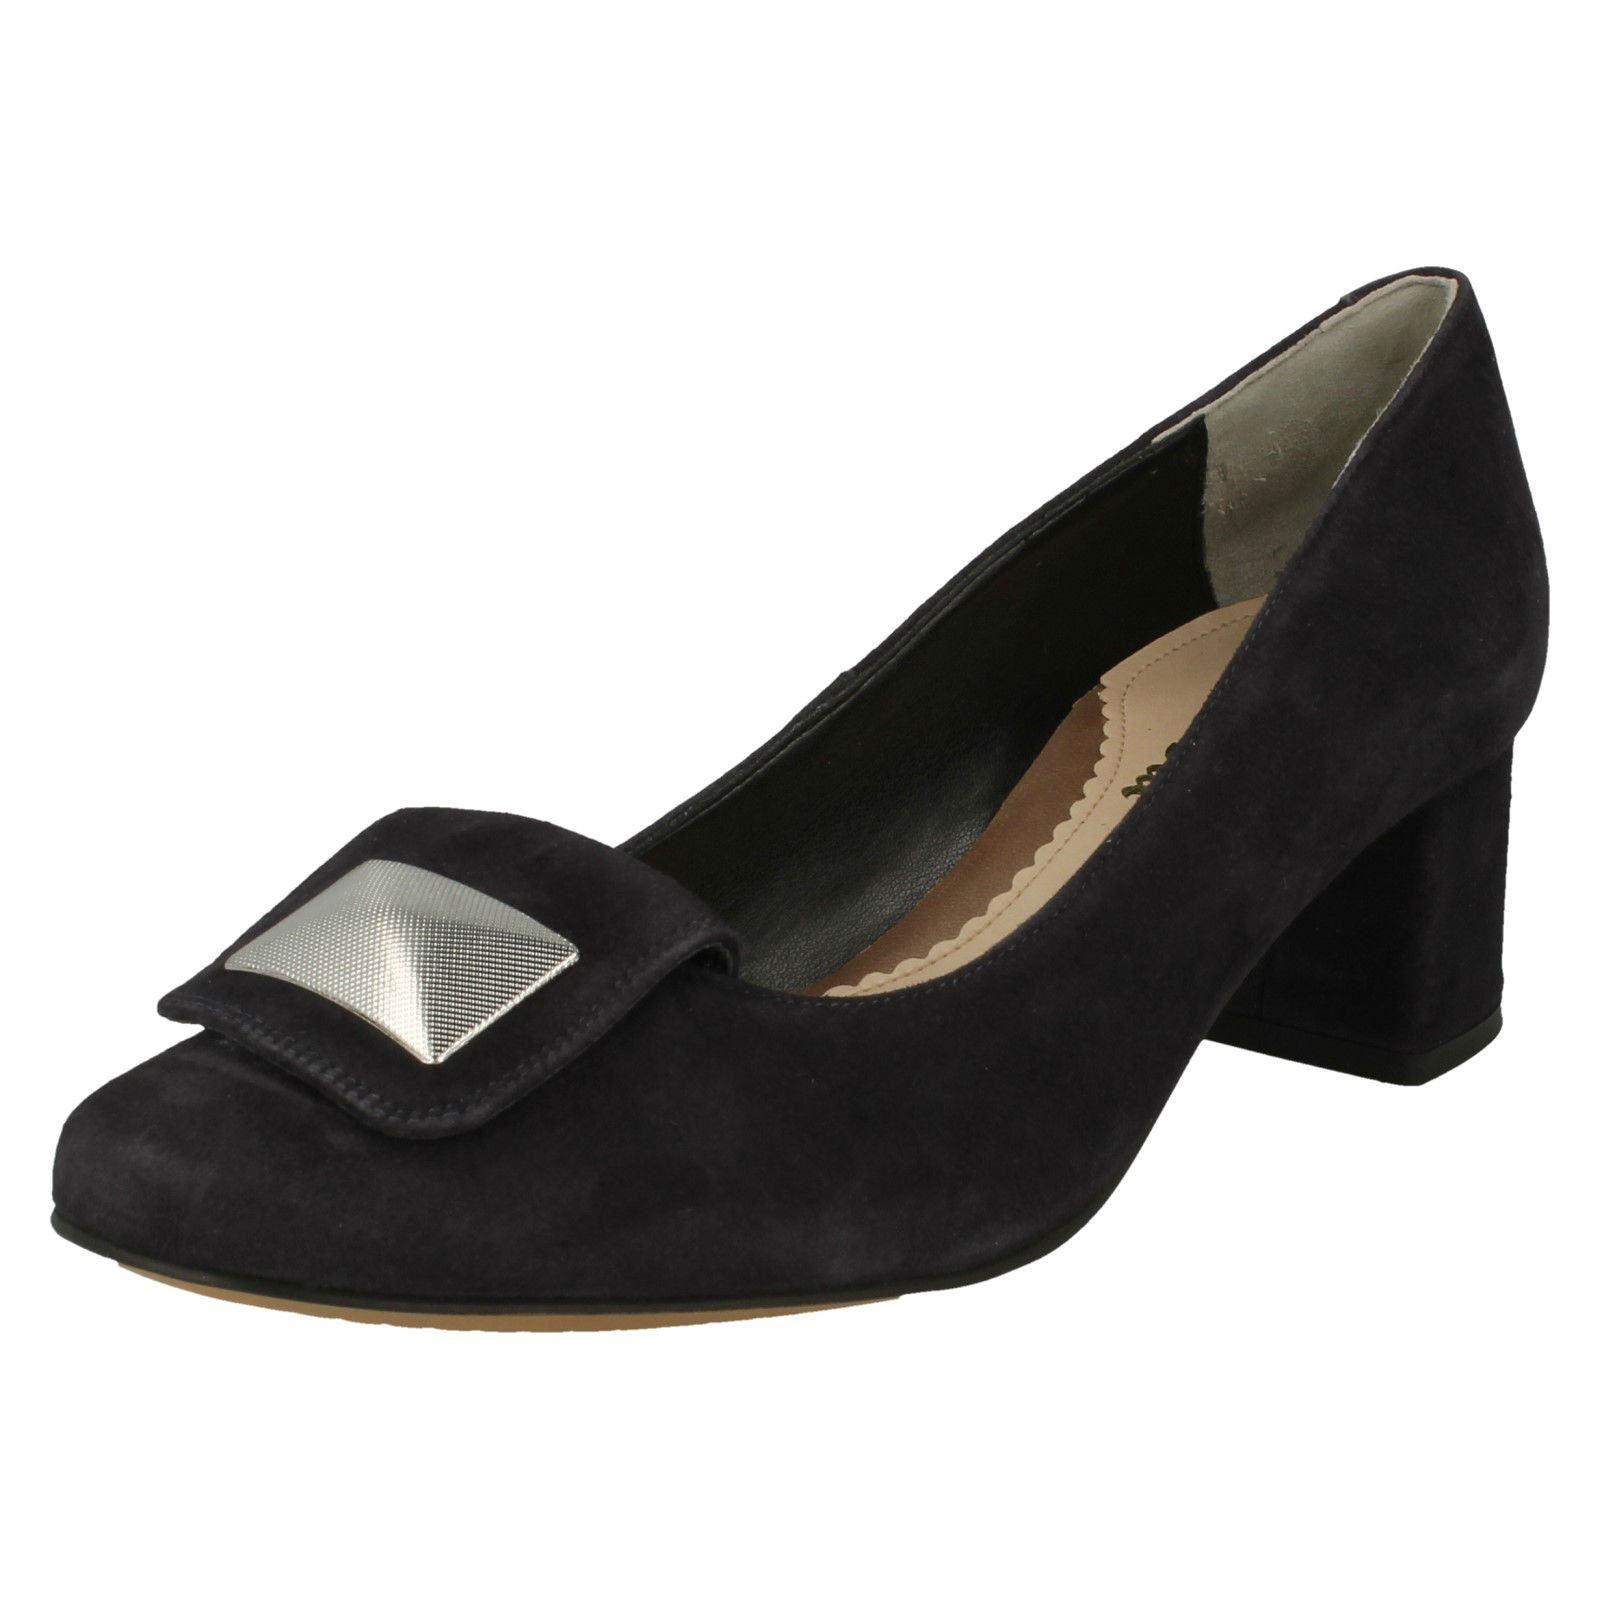 Van Dal Ladies Court Shoes 'Opie' 'Opie' Shoes a59d9d